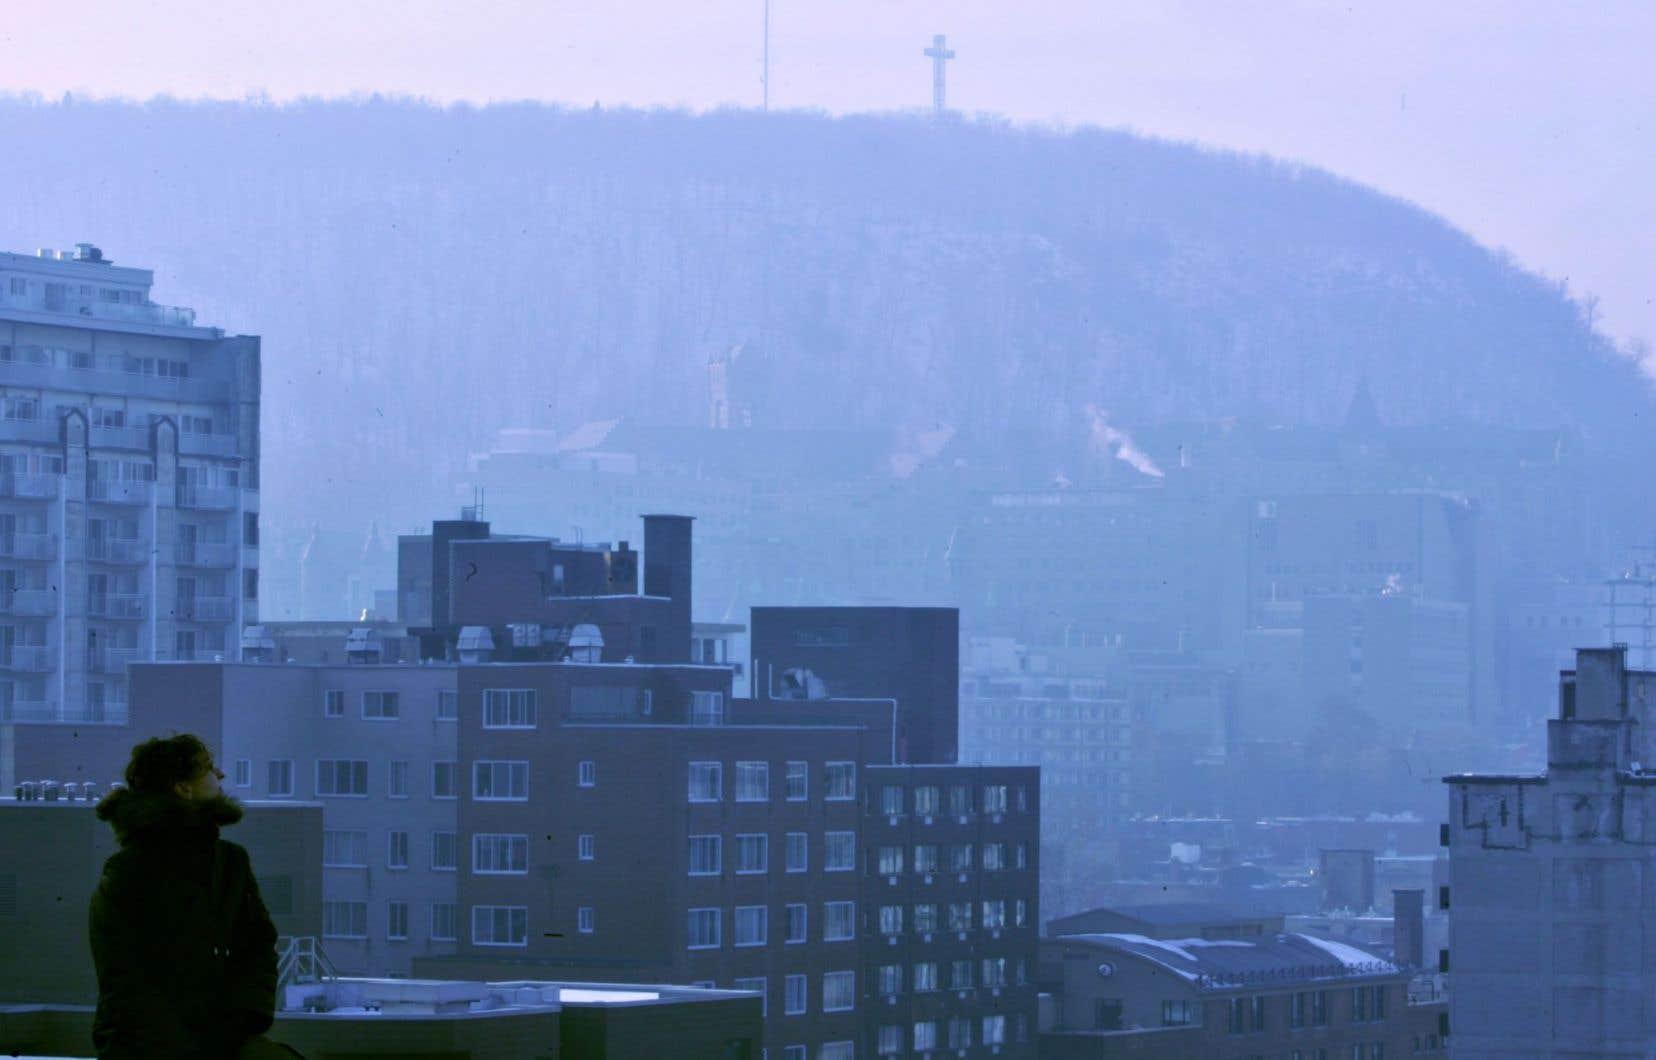 Une étude réalisée en 2008 concluait qu'environ 1500 personnes meurent prématurément chaque année à cause de la pollution de l'air. Or, cette étude avait grandement sous-estimé les impacts de la pollution de l'air.